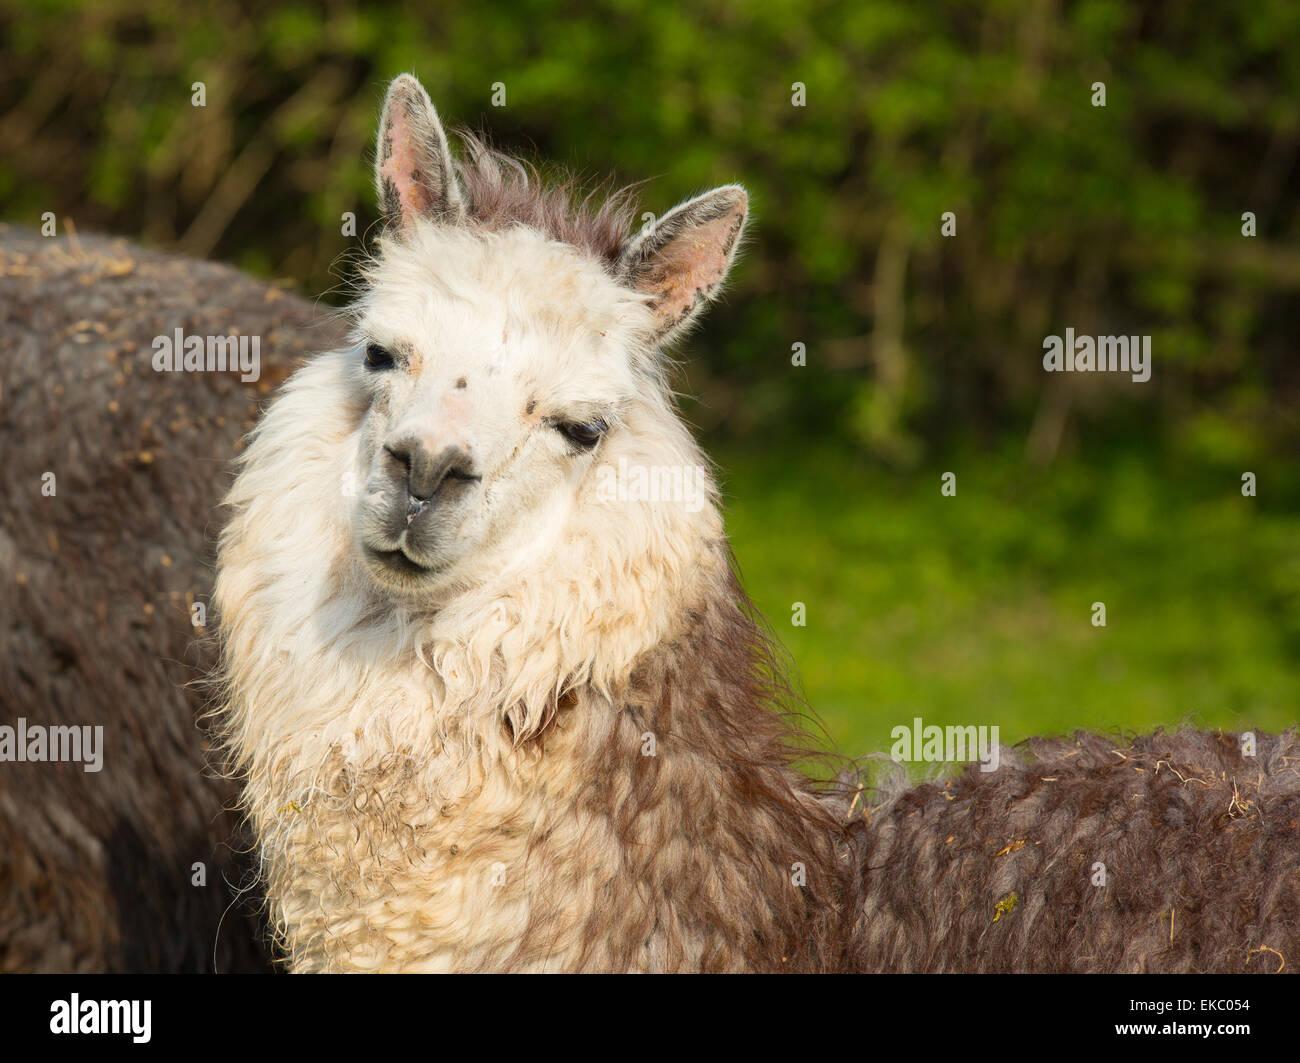 Alpaca Sud American camelid assomiglia a piccole llama con casacca utilizzata per la lana e carino sorriso Immagini Stock